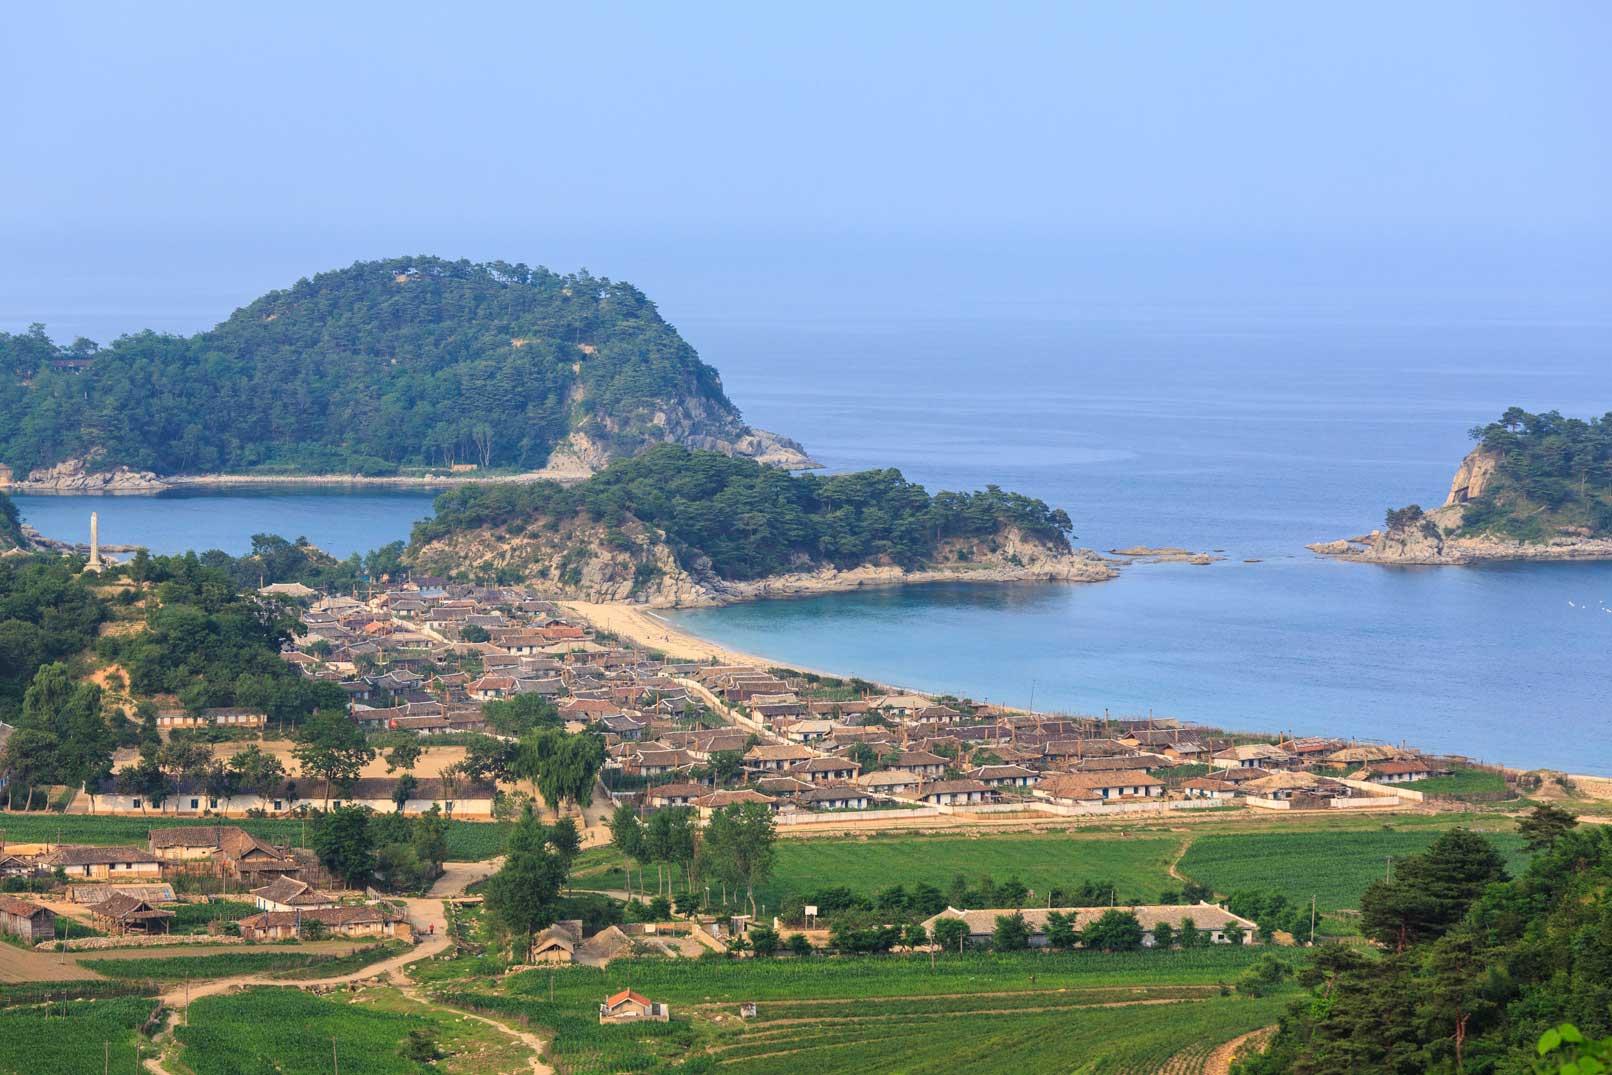 ようやく撮らせてくれた朝鮮の漁村の遠景ショット_b0235153_17551767.jpg